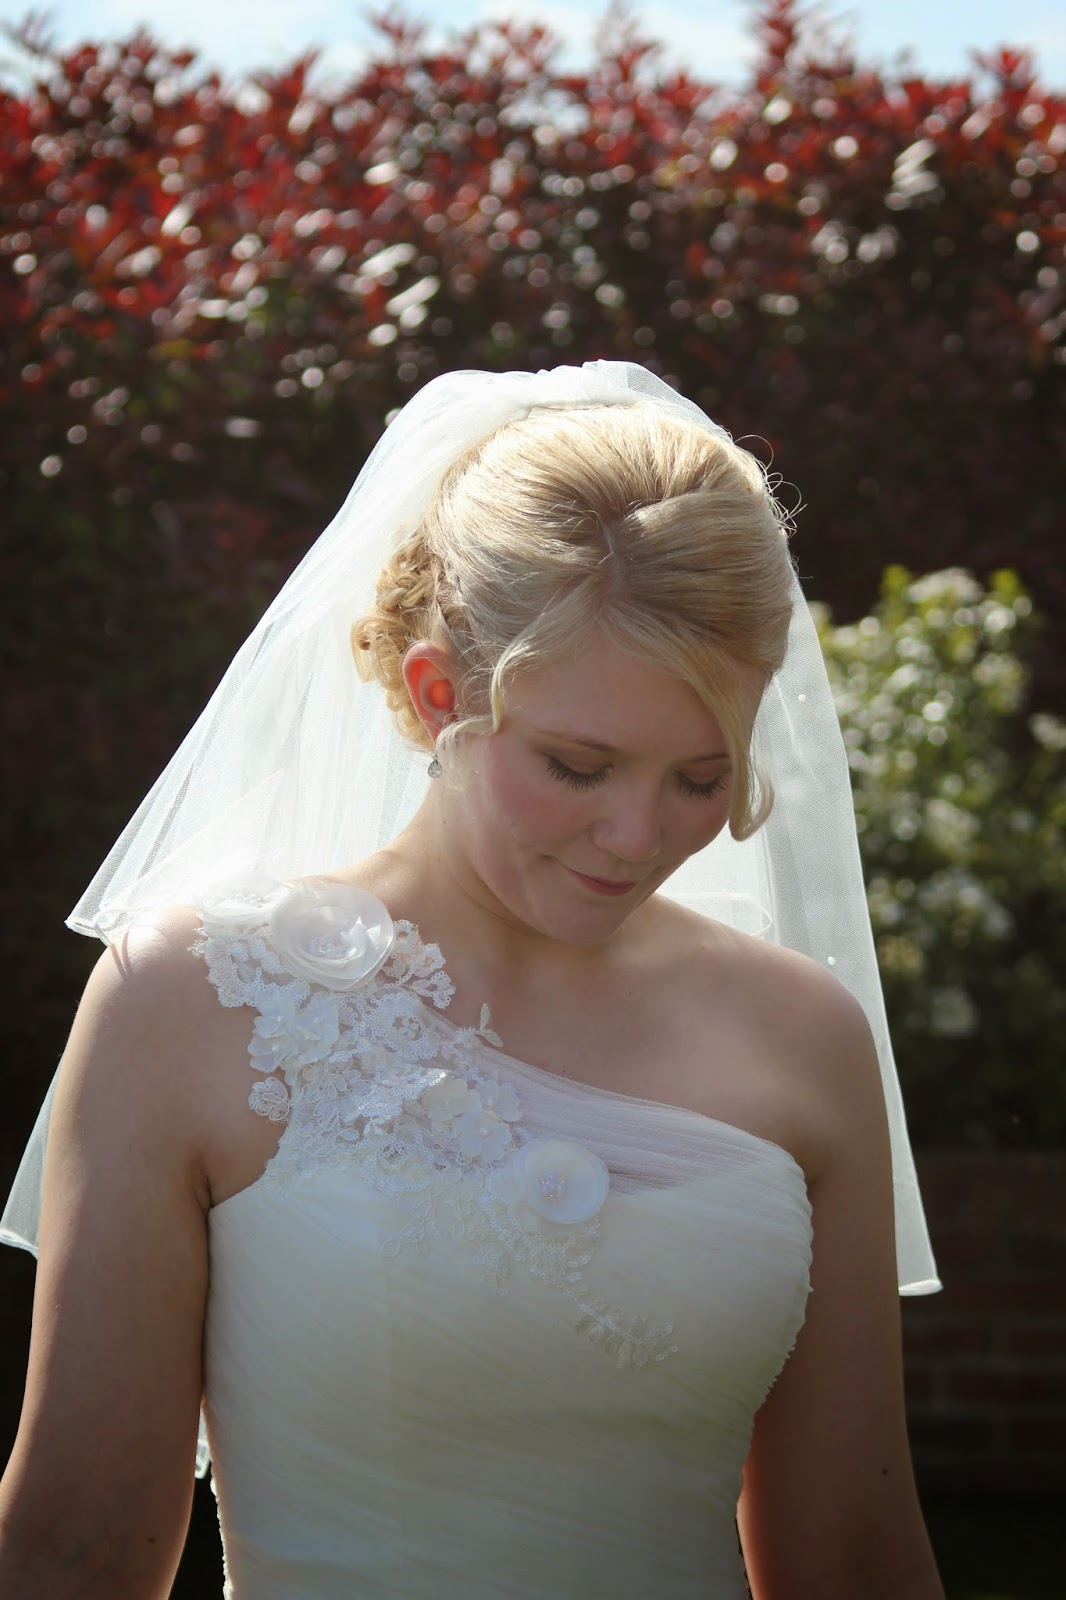 My Wedding (Part 5) Attire